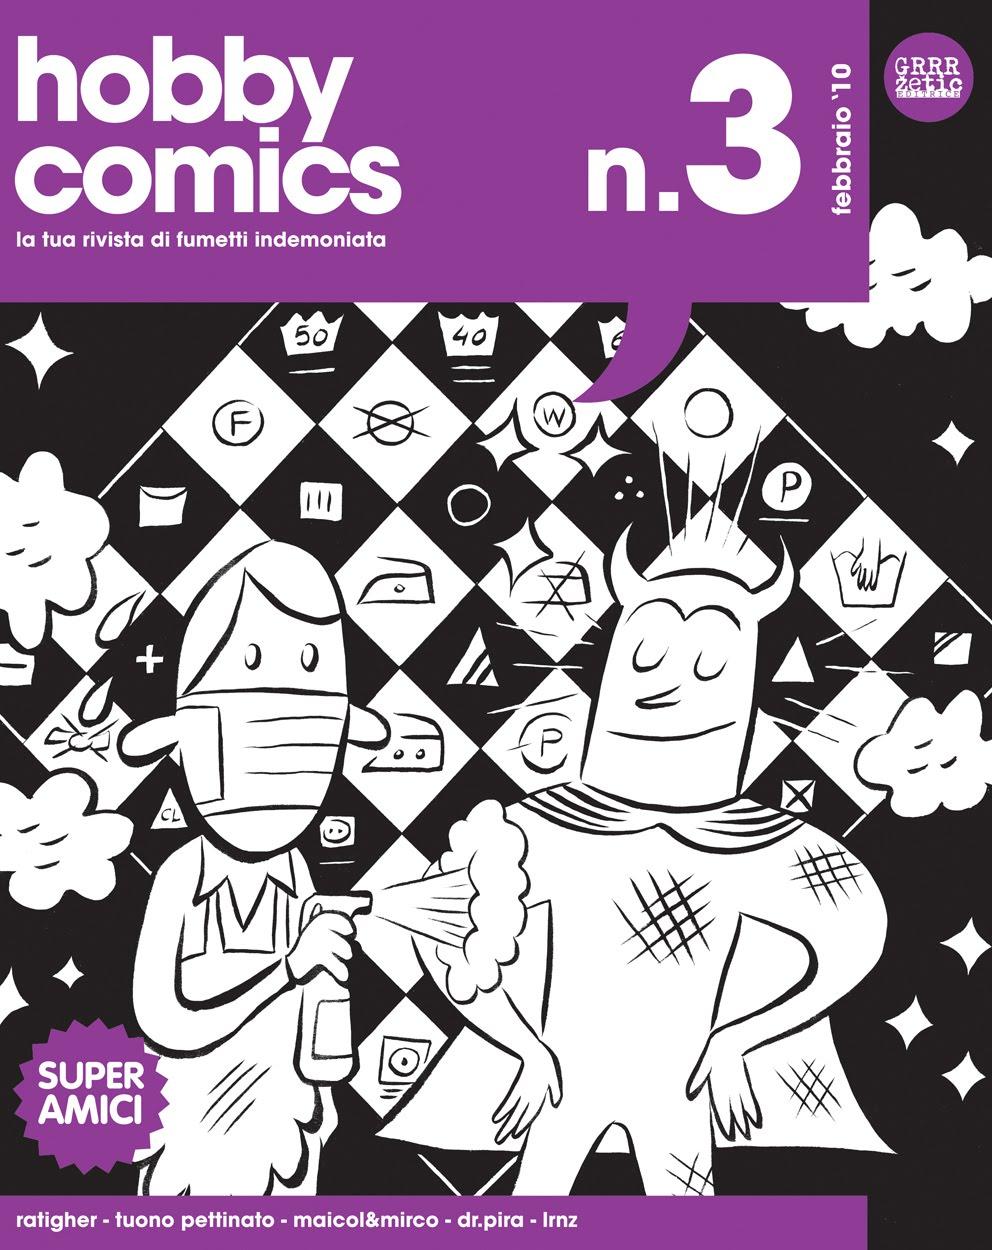 Hobby Comics vol. 3